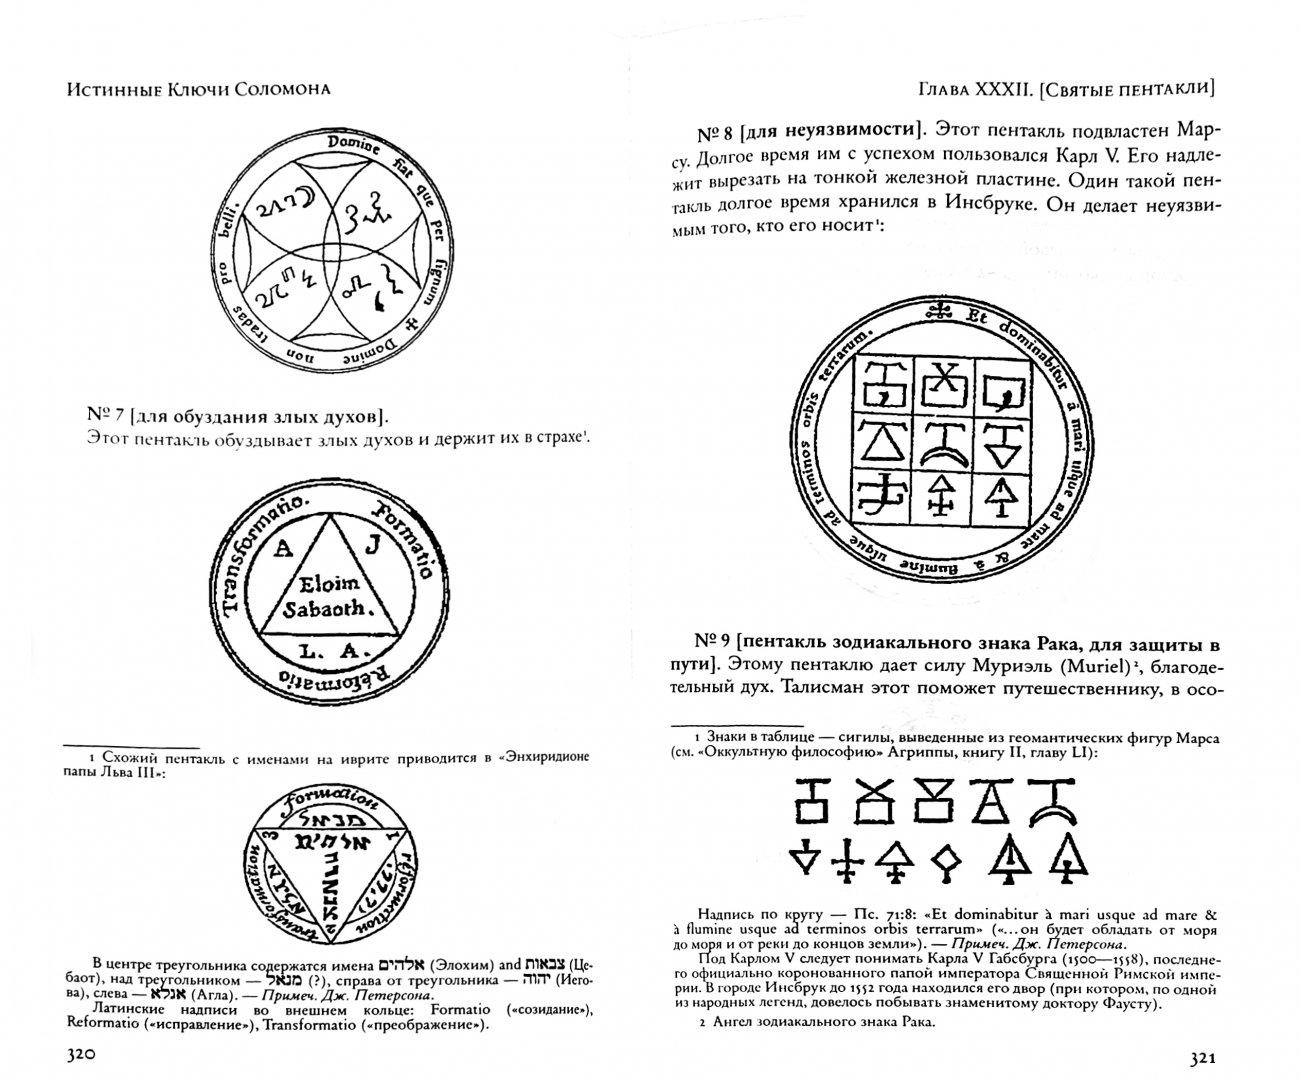 Иллюстрация 1 из 19 для Соломонова магия. Ключи царя Соломона | Лабиринт - книги. Источник: Лабиринт